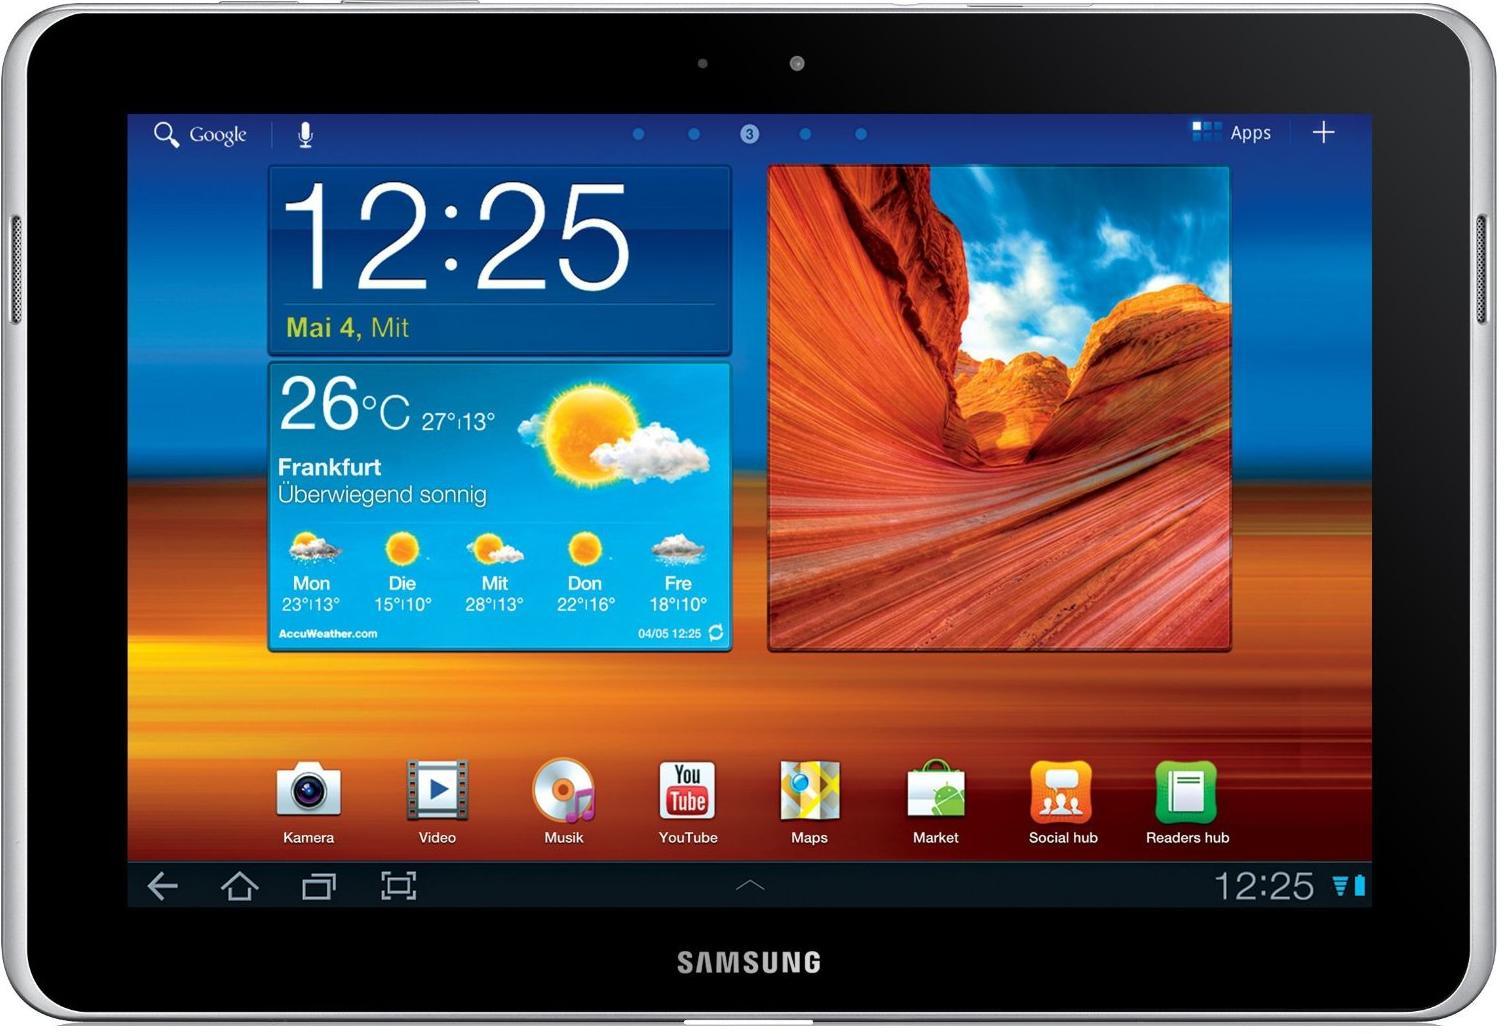 Samsung Galaxy Tab 10.1 P7501